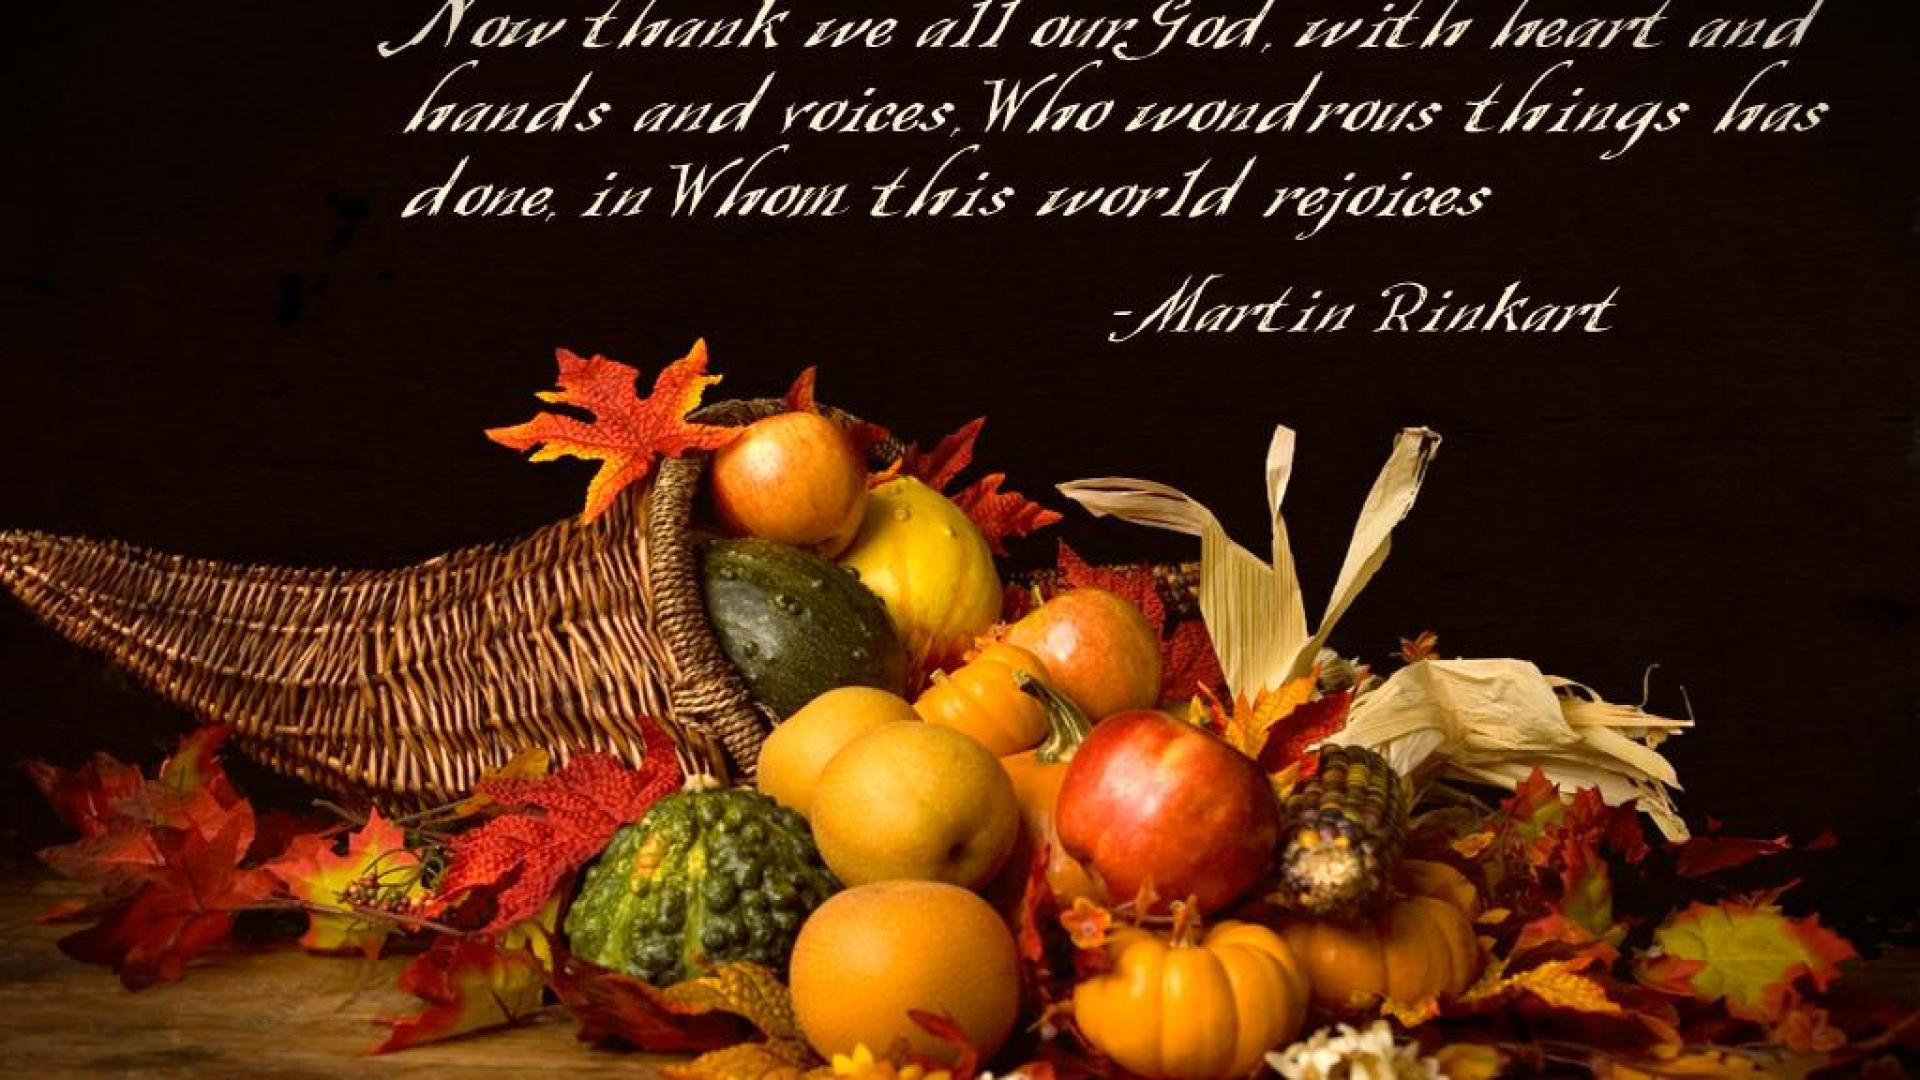 thanksgiving hd wallpaper widescreen 1920x1080 - photo #16